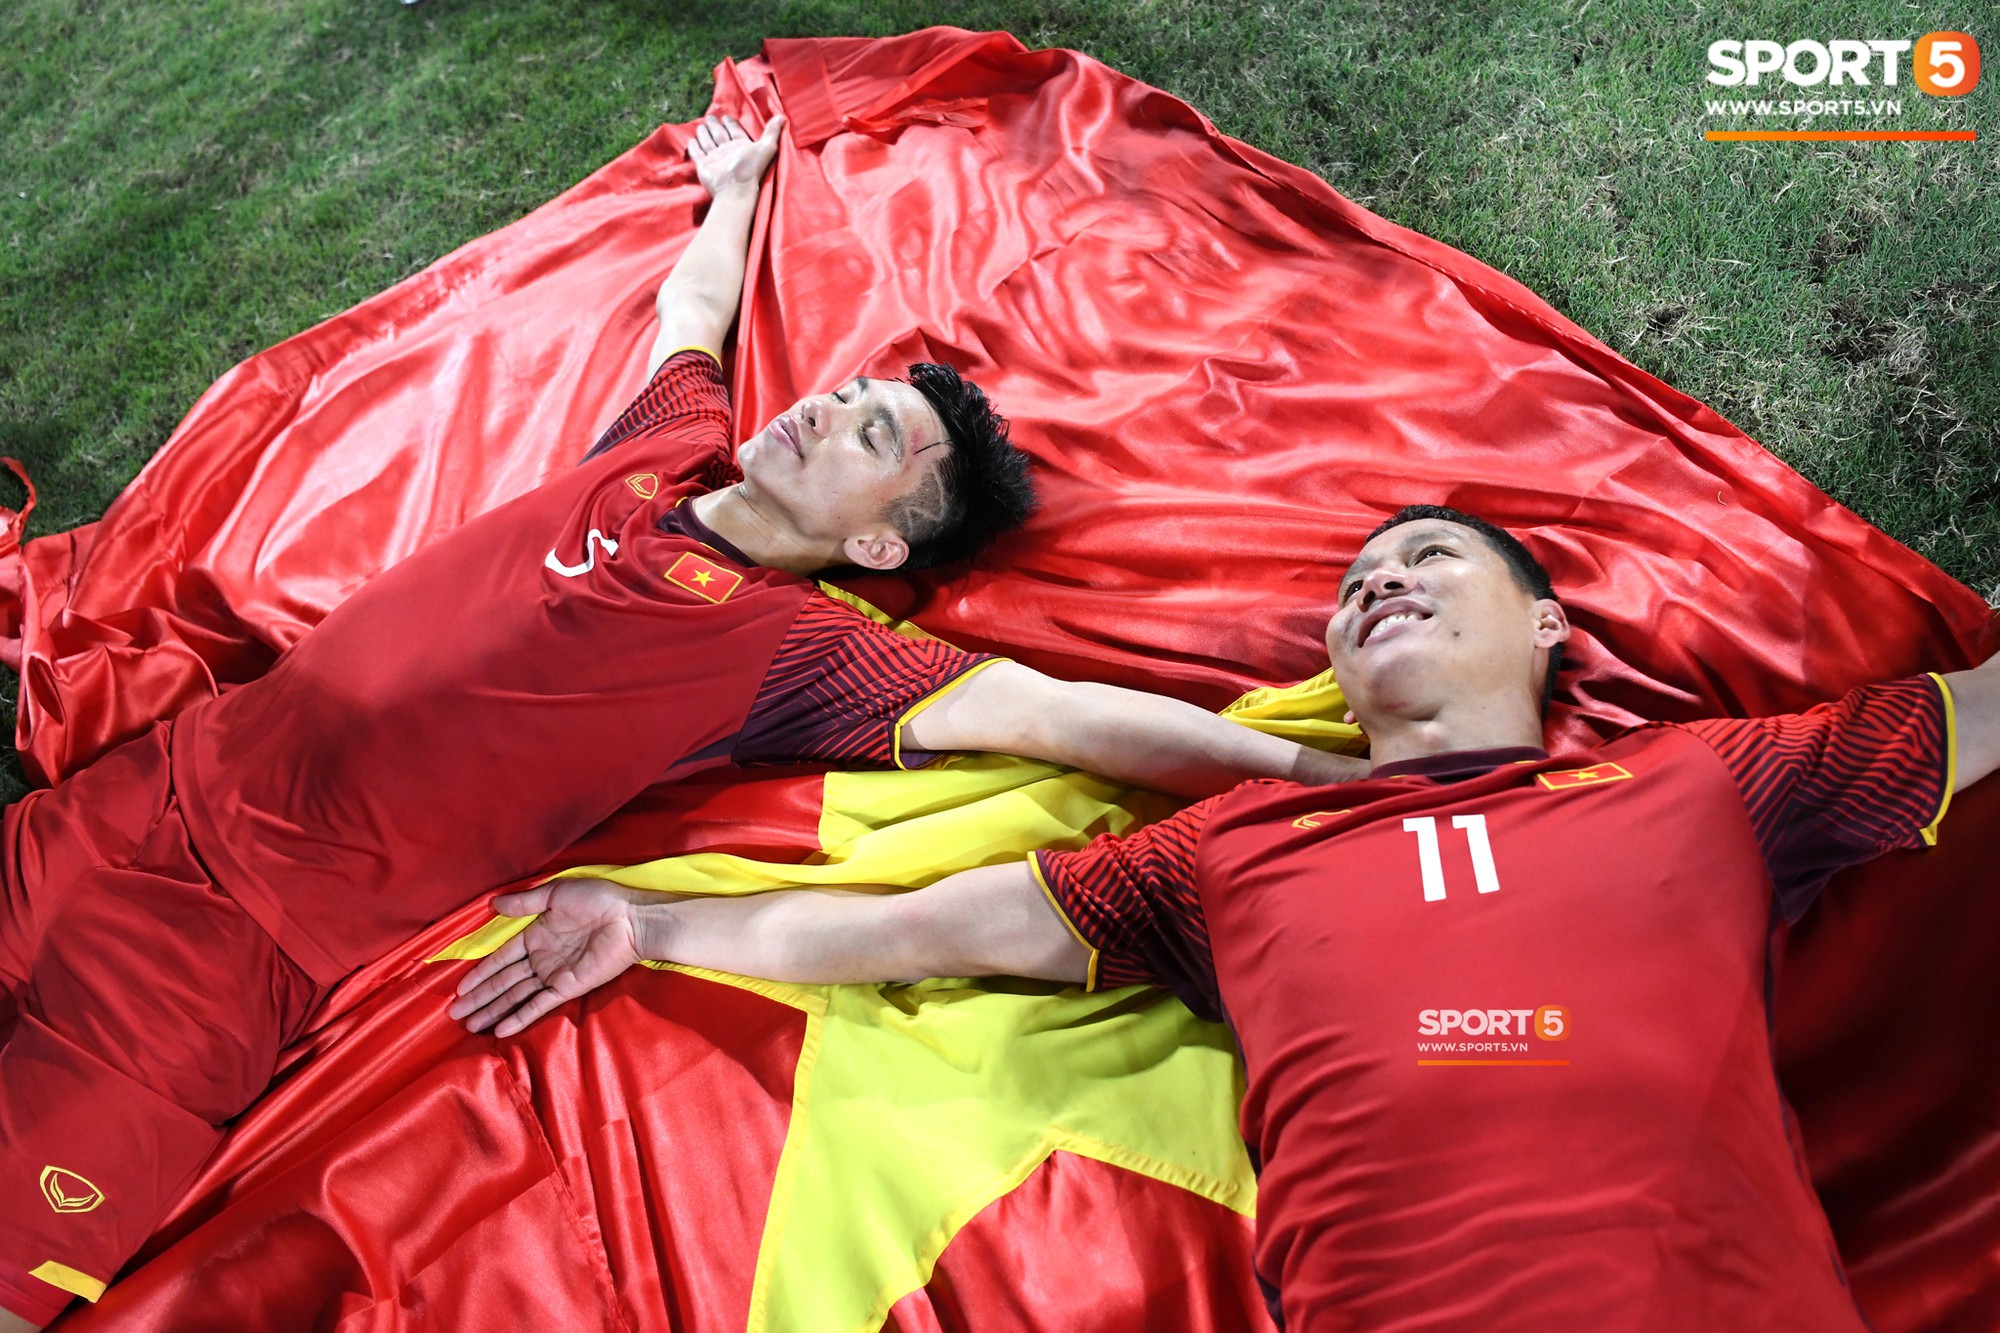 Chú Anh Đức nở nụ cười mãn nguyện, cháu Văn Hậu nhắm mắt mơ màng tạo dáng pose hình với lá cờ trải trên thảm cỏ-1